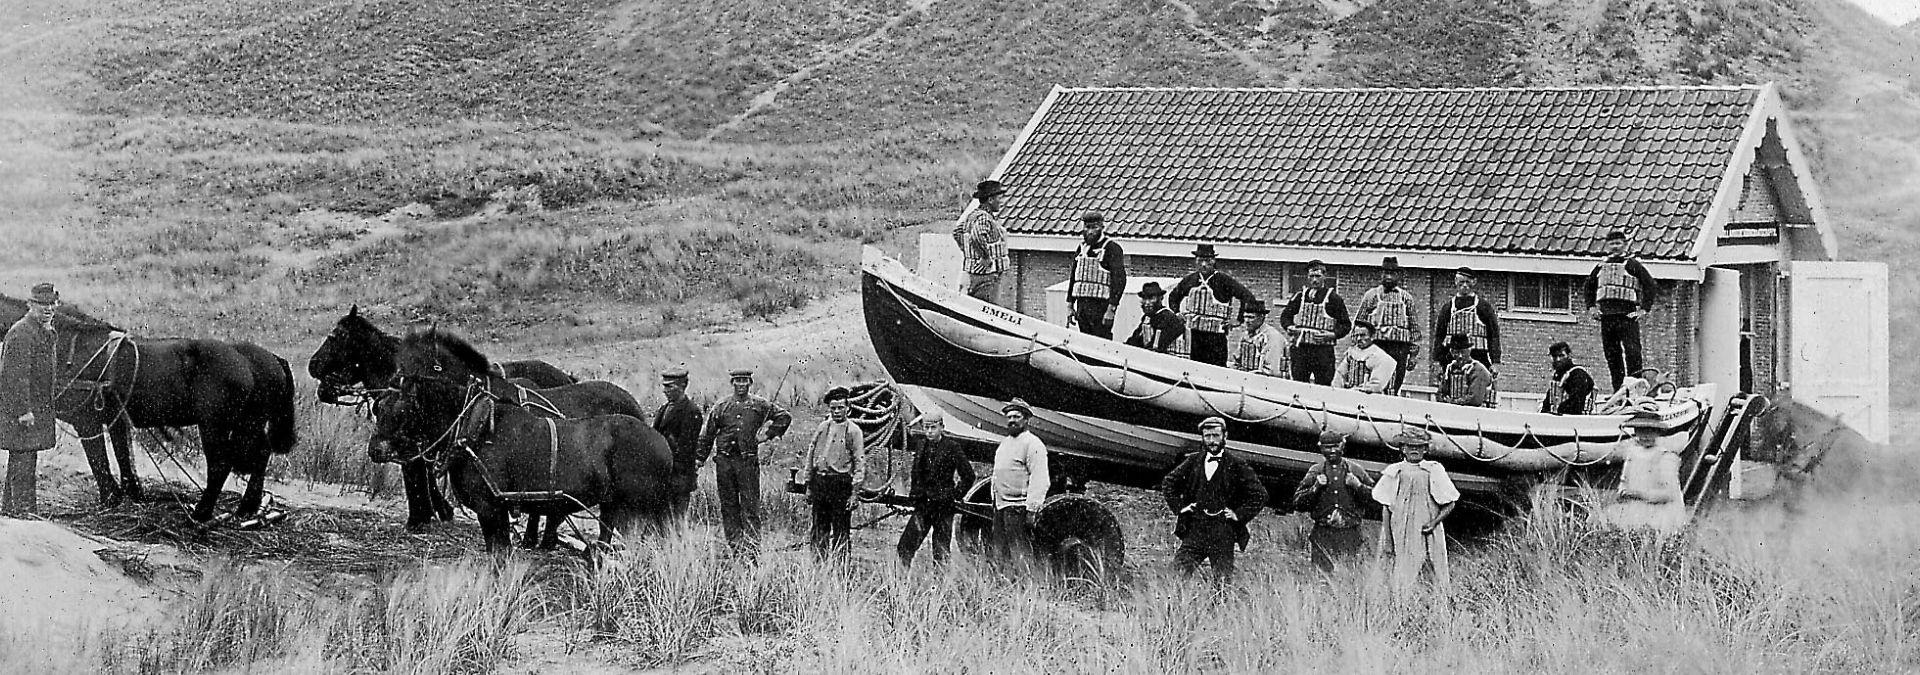 1920 KNRM roeiredders de Koog Texel| Foto: archief